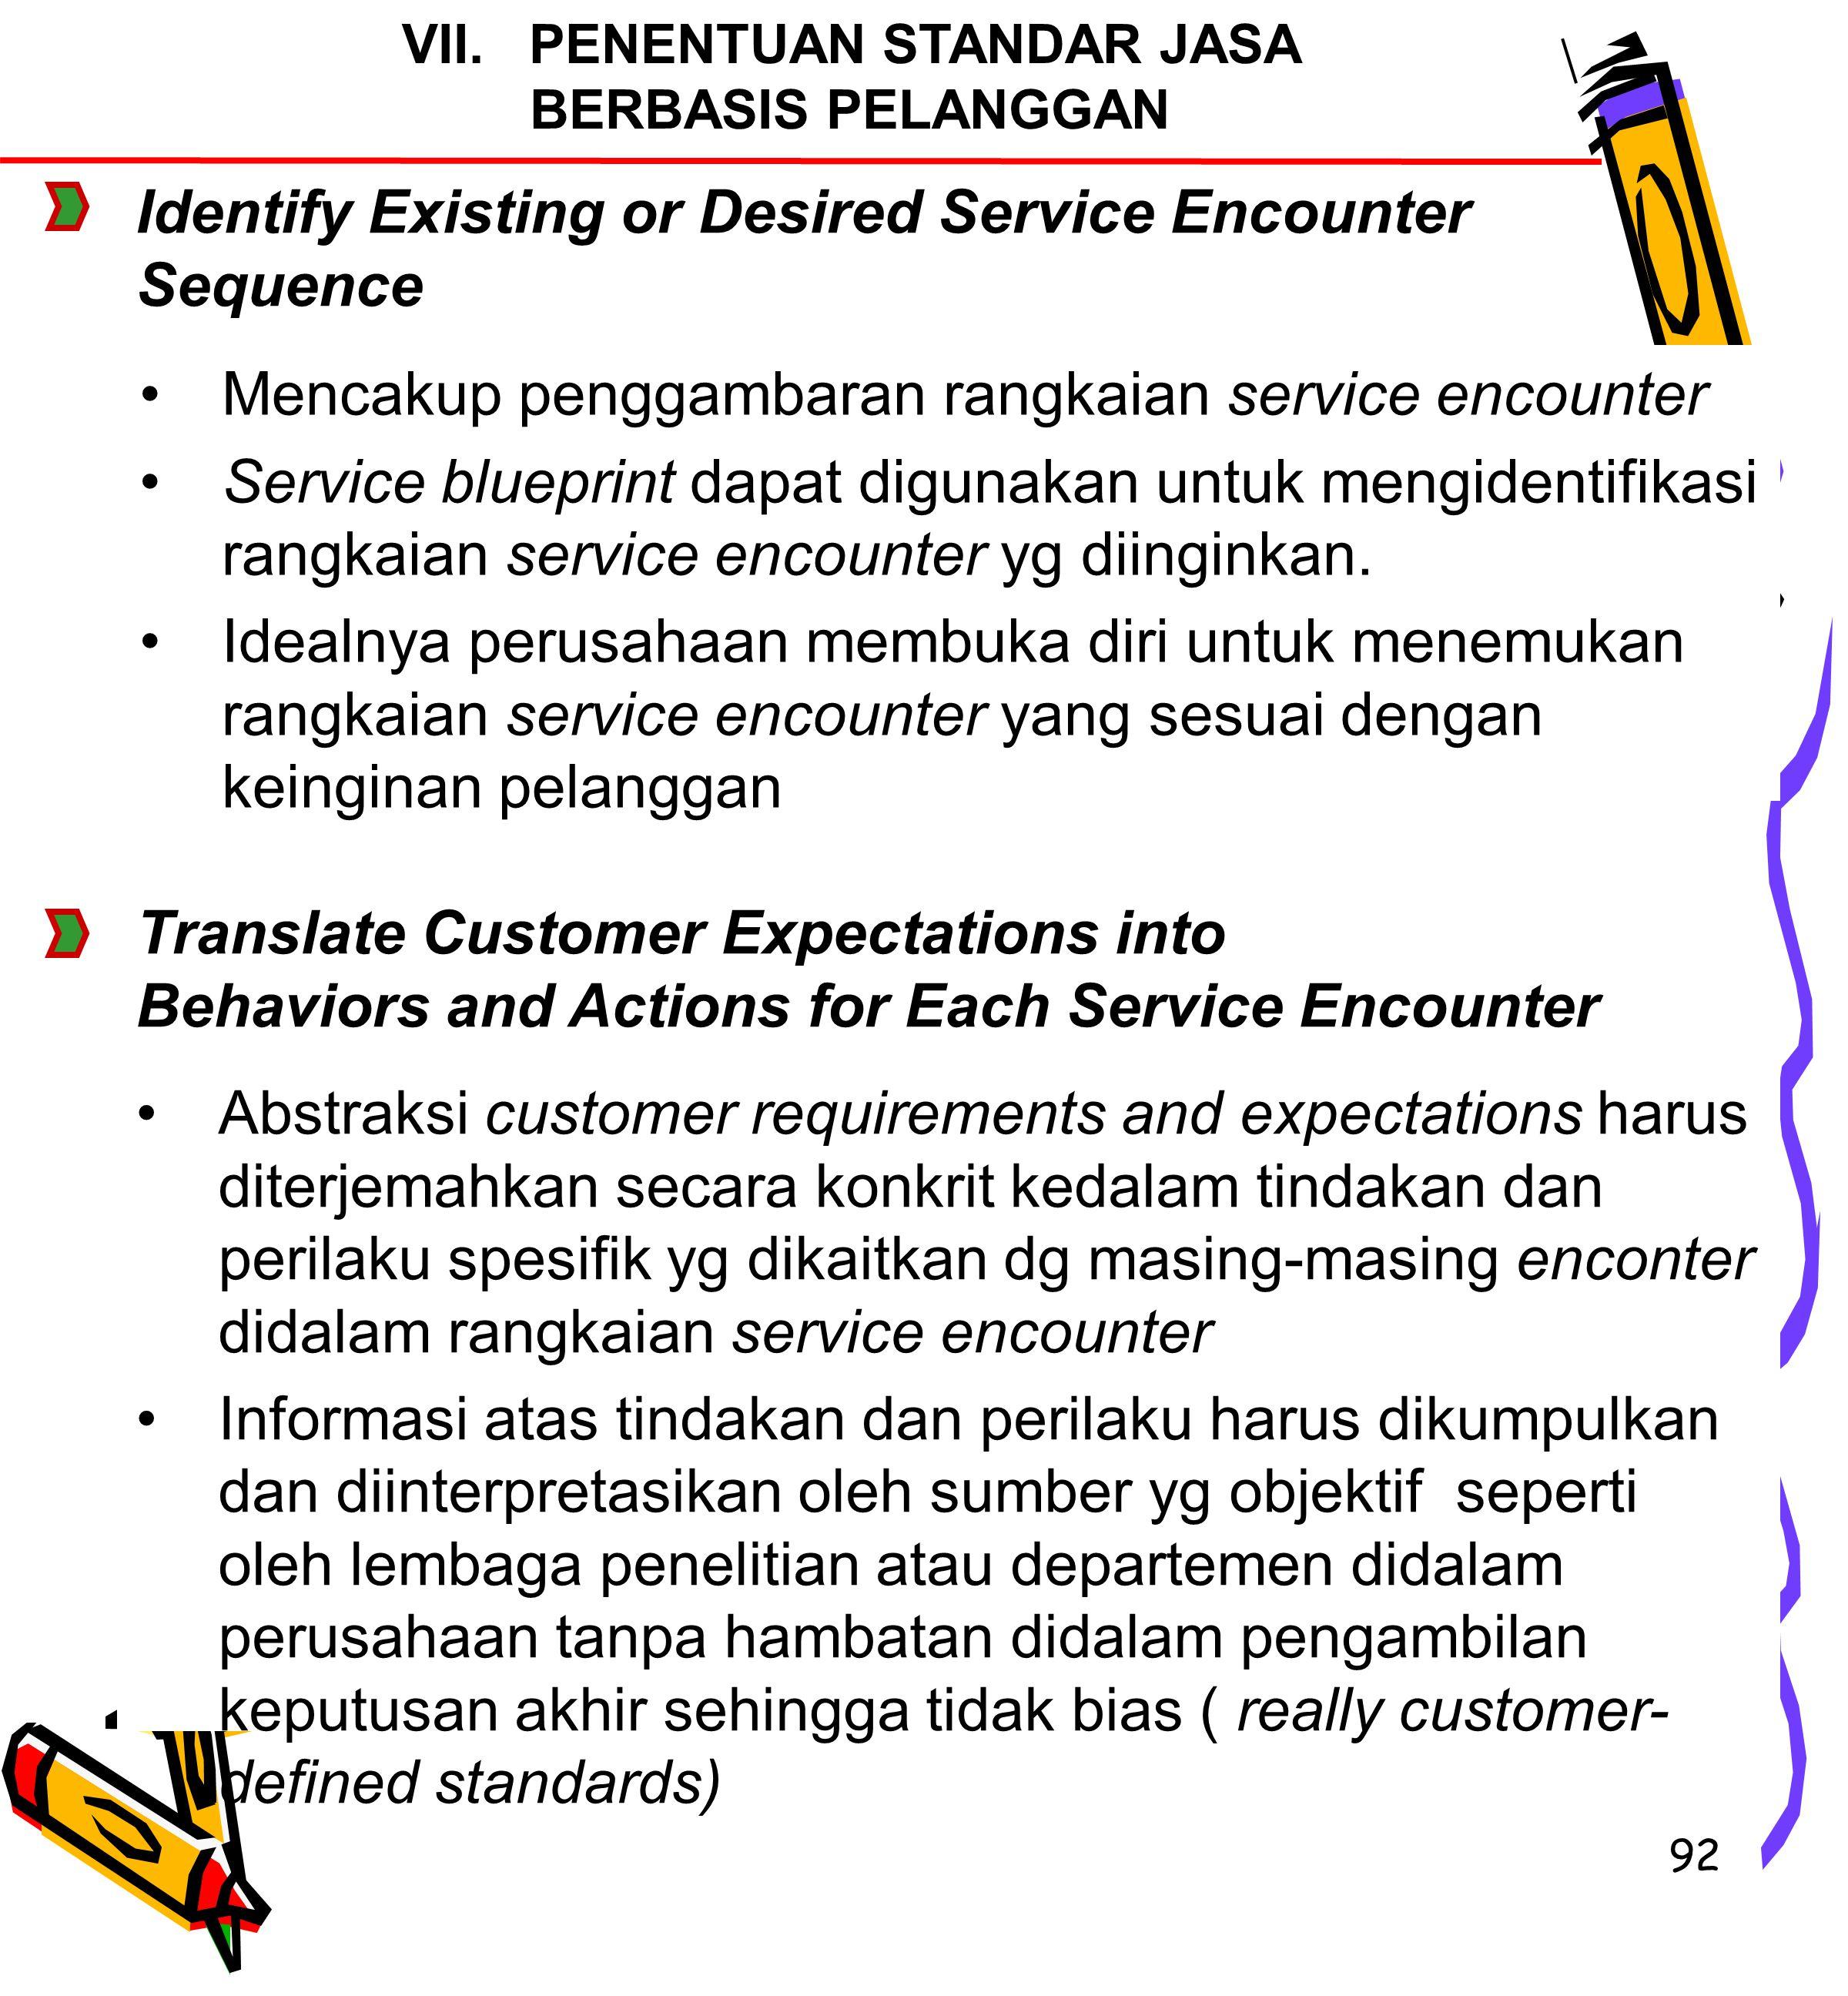 92 Mencakup penggambaran rangkaian service encounter Service blueprint dapat digunakan untuk mengidentifikasi rangkaian service encounter yg diinginkan.